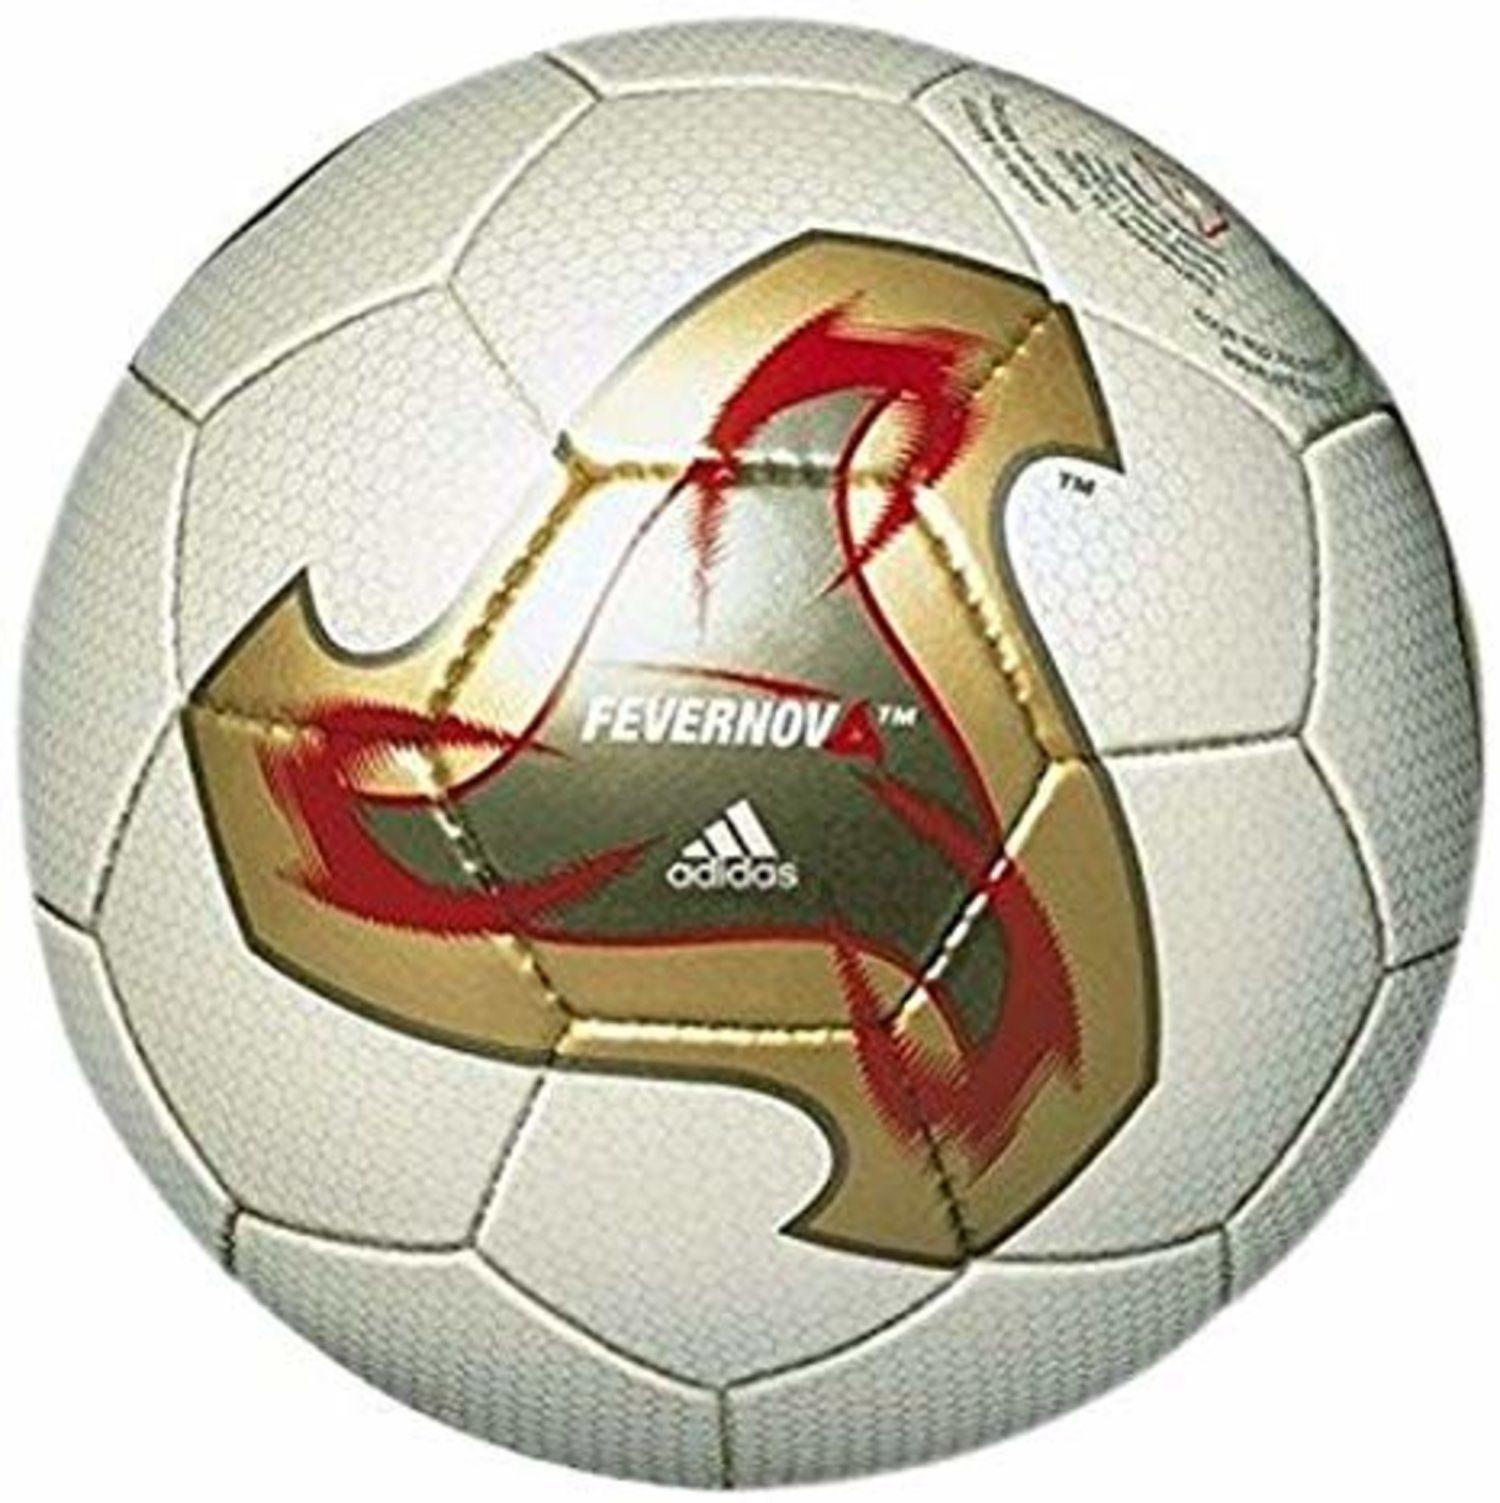 Adidas Fevernova, un balón que nos trae duros recuerdos.